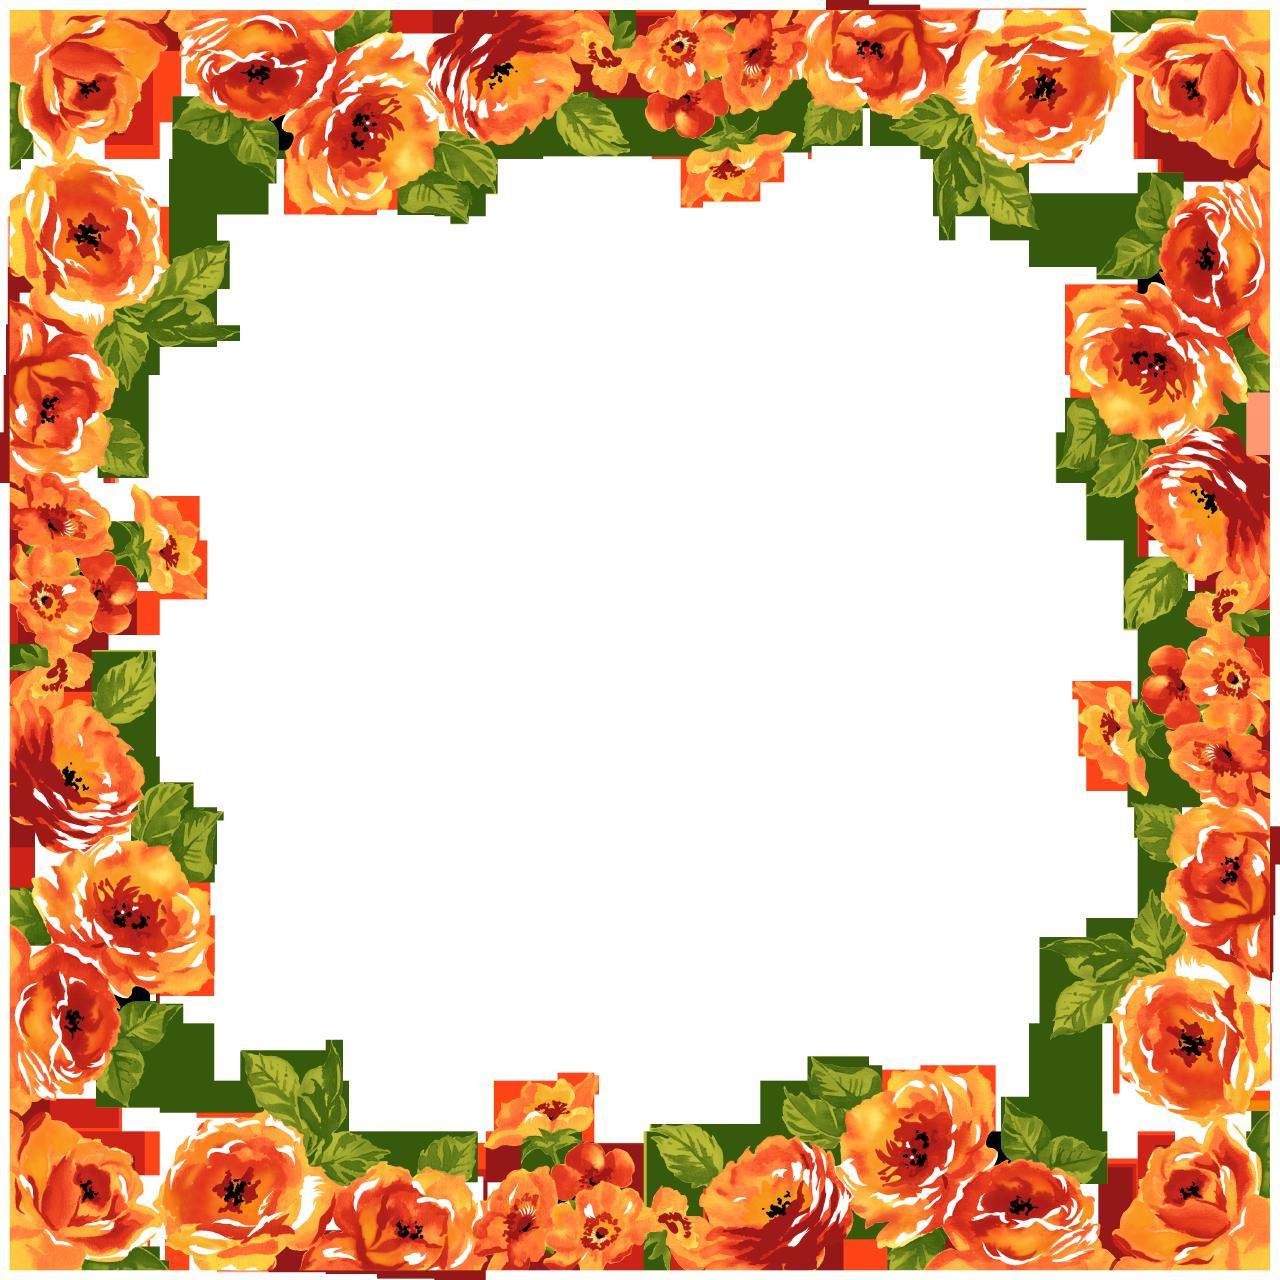 Orange flower border clipart image library Flower Border Images - 5612 - TransparentPNG image library